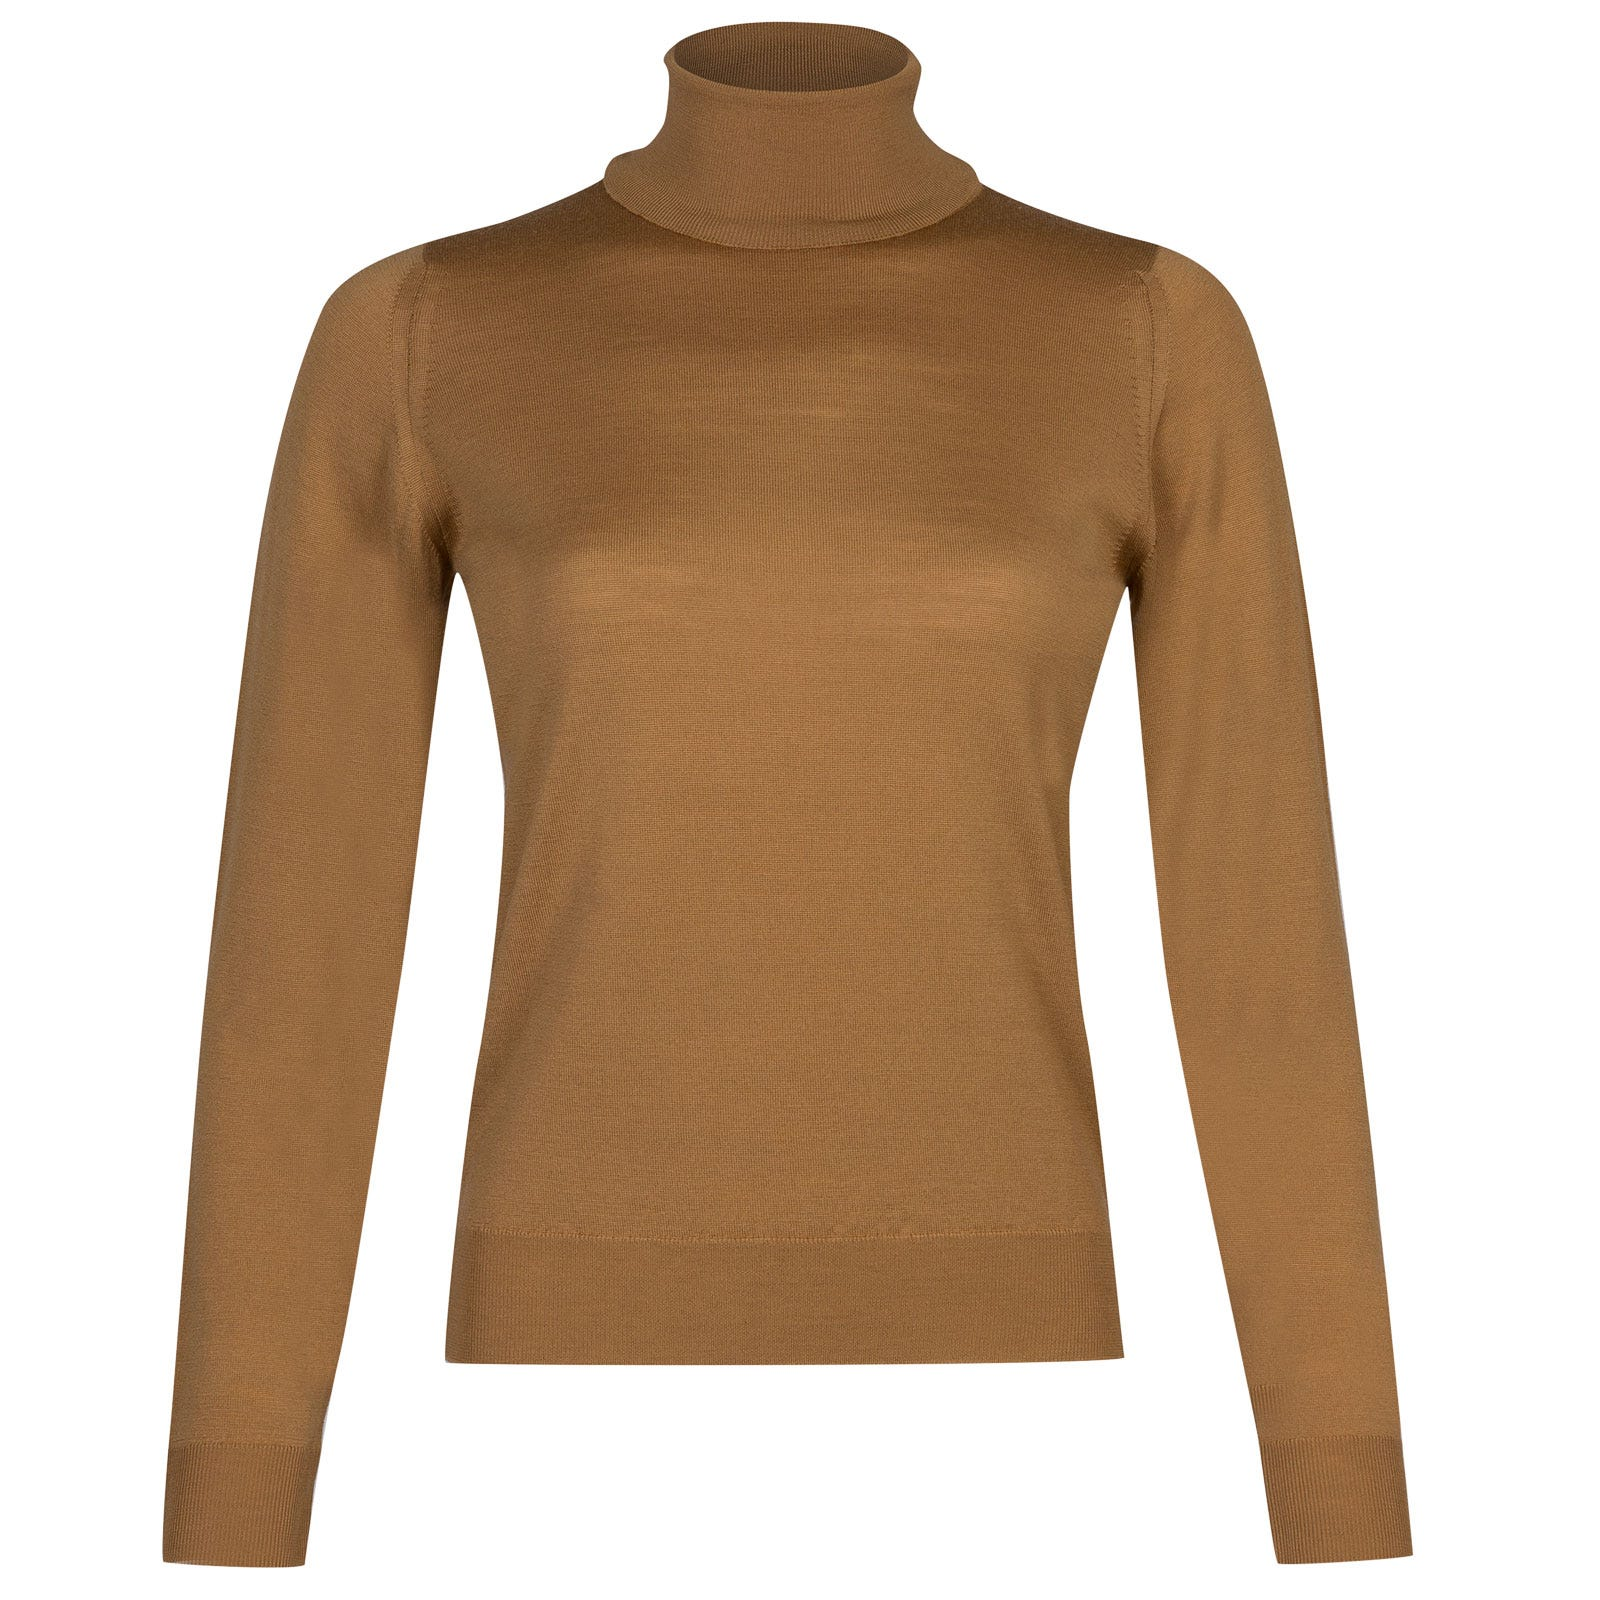 John Smedley siena Merino Wool Sweater in Camel-S